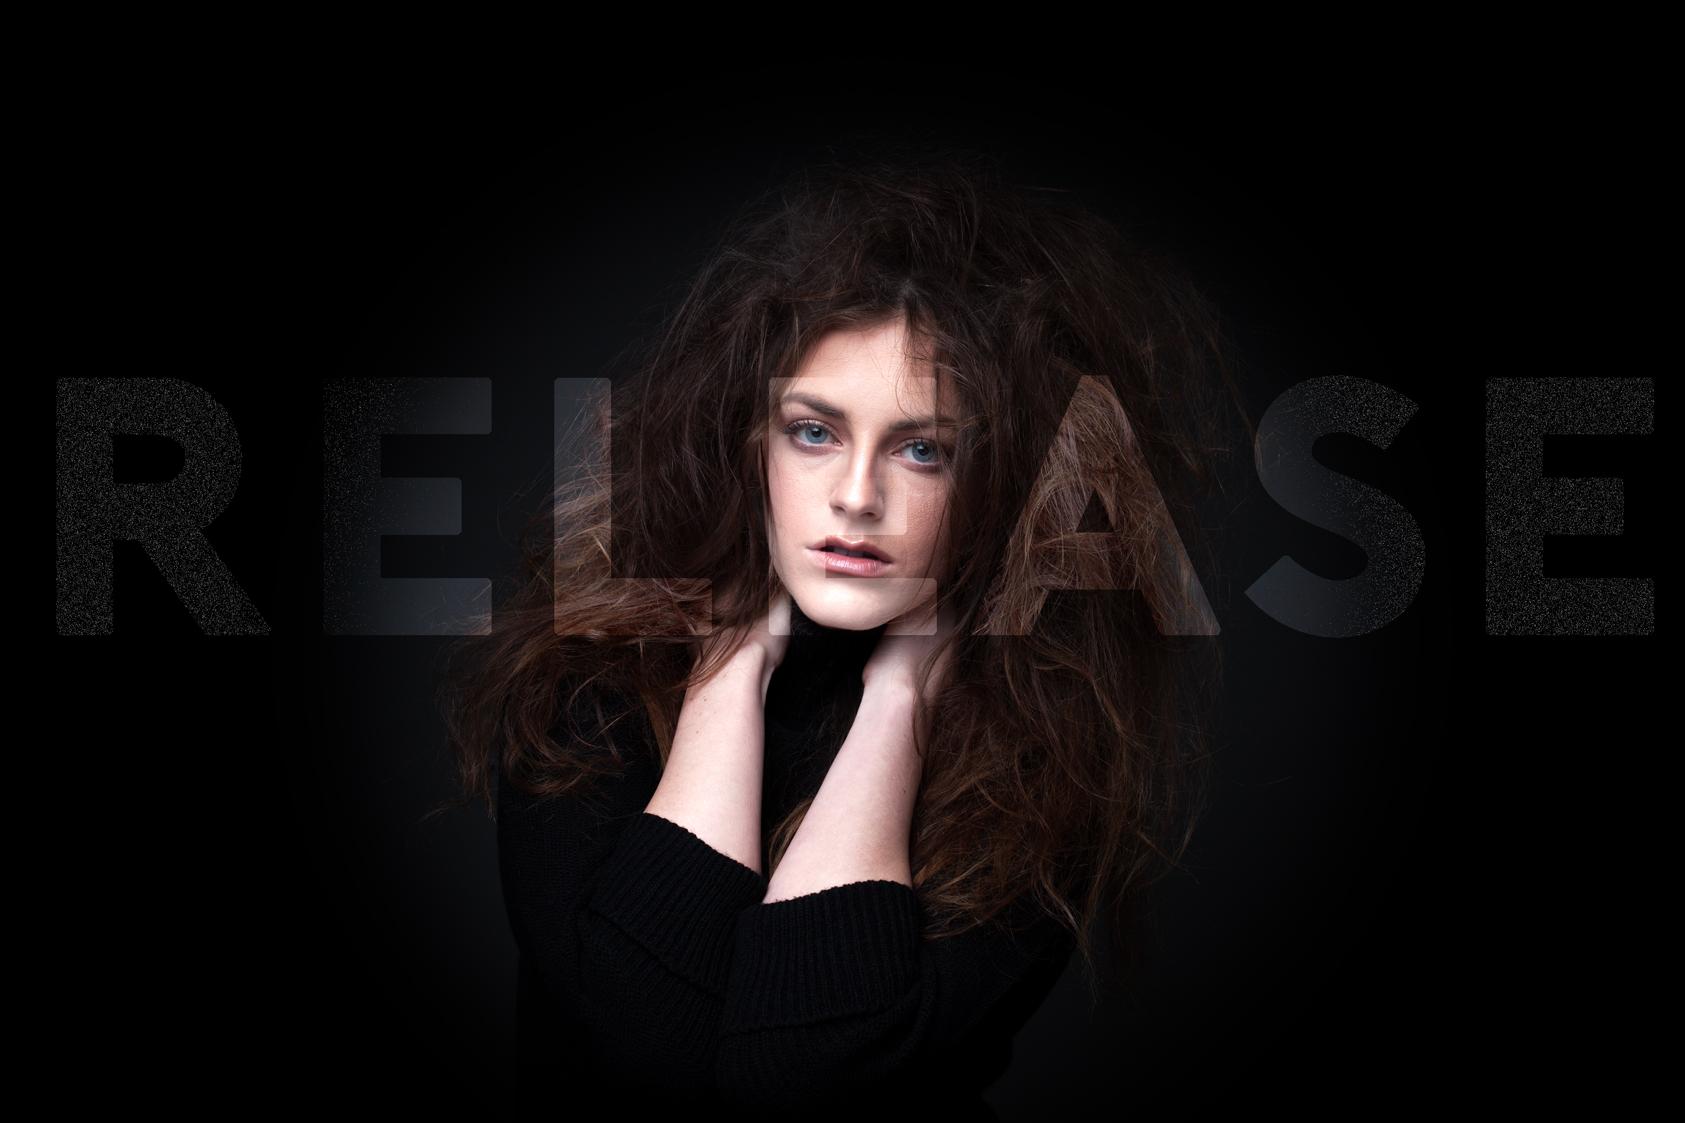 Reid-Black-Bulb-Creative-Photography